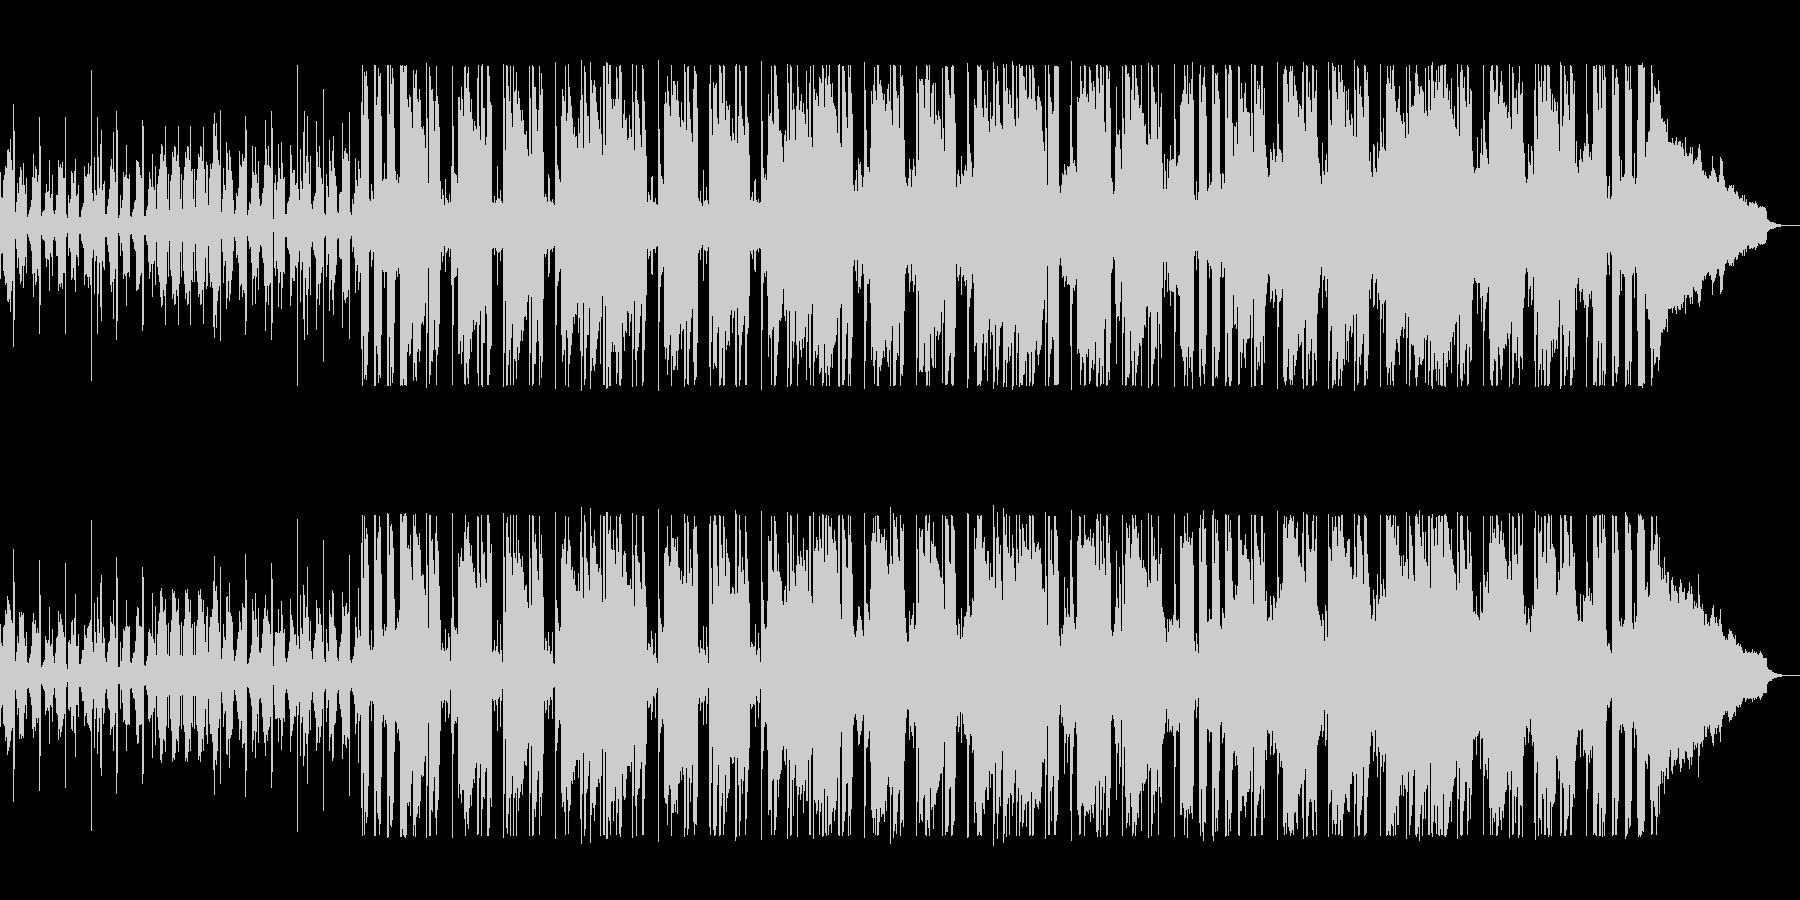 洗練されたオシャレなテクノポップの未再生の波形